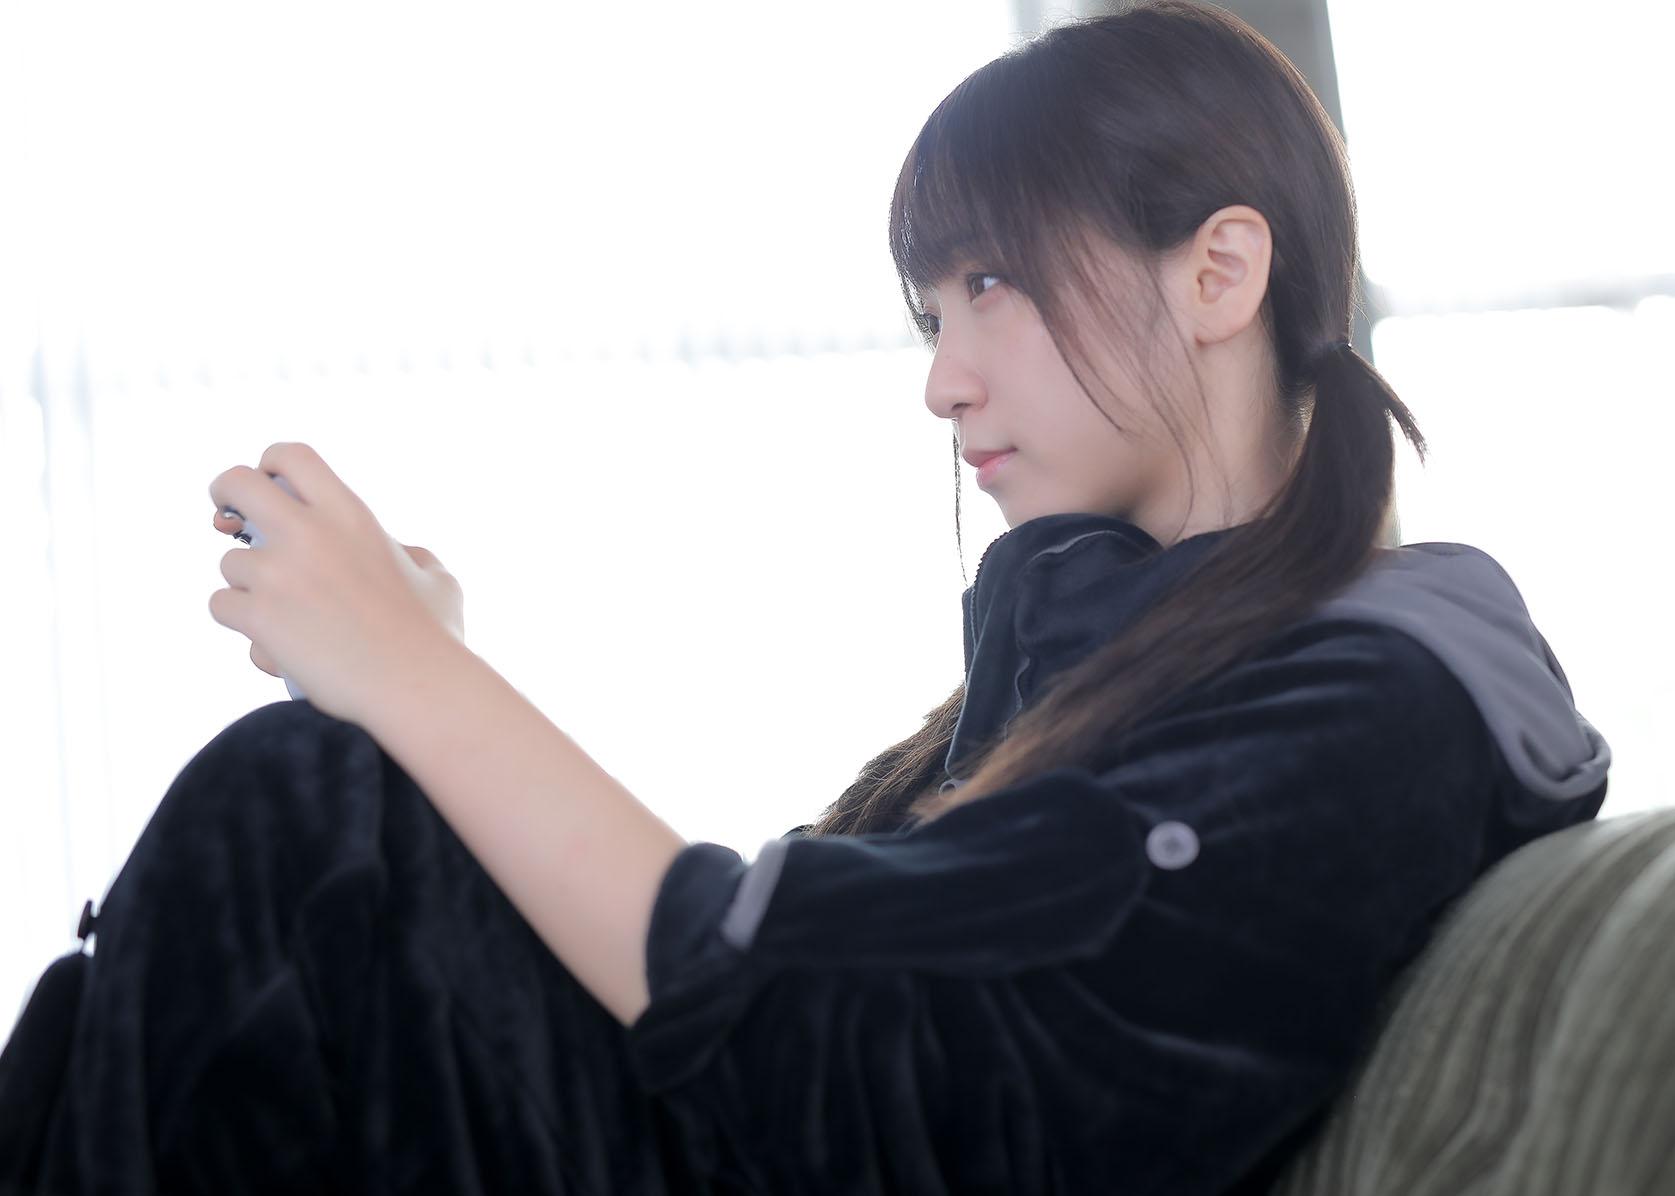 ゲーミング着る毛布『ダメ着4G』 HFD-4G gallery